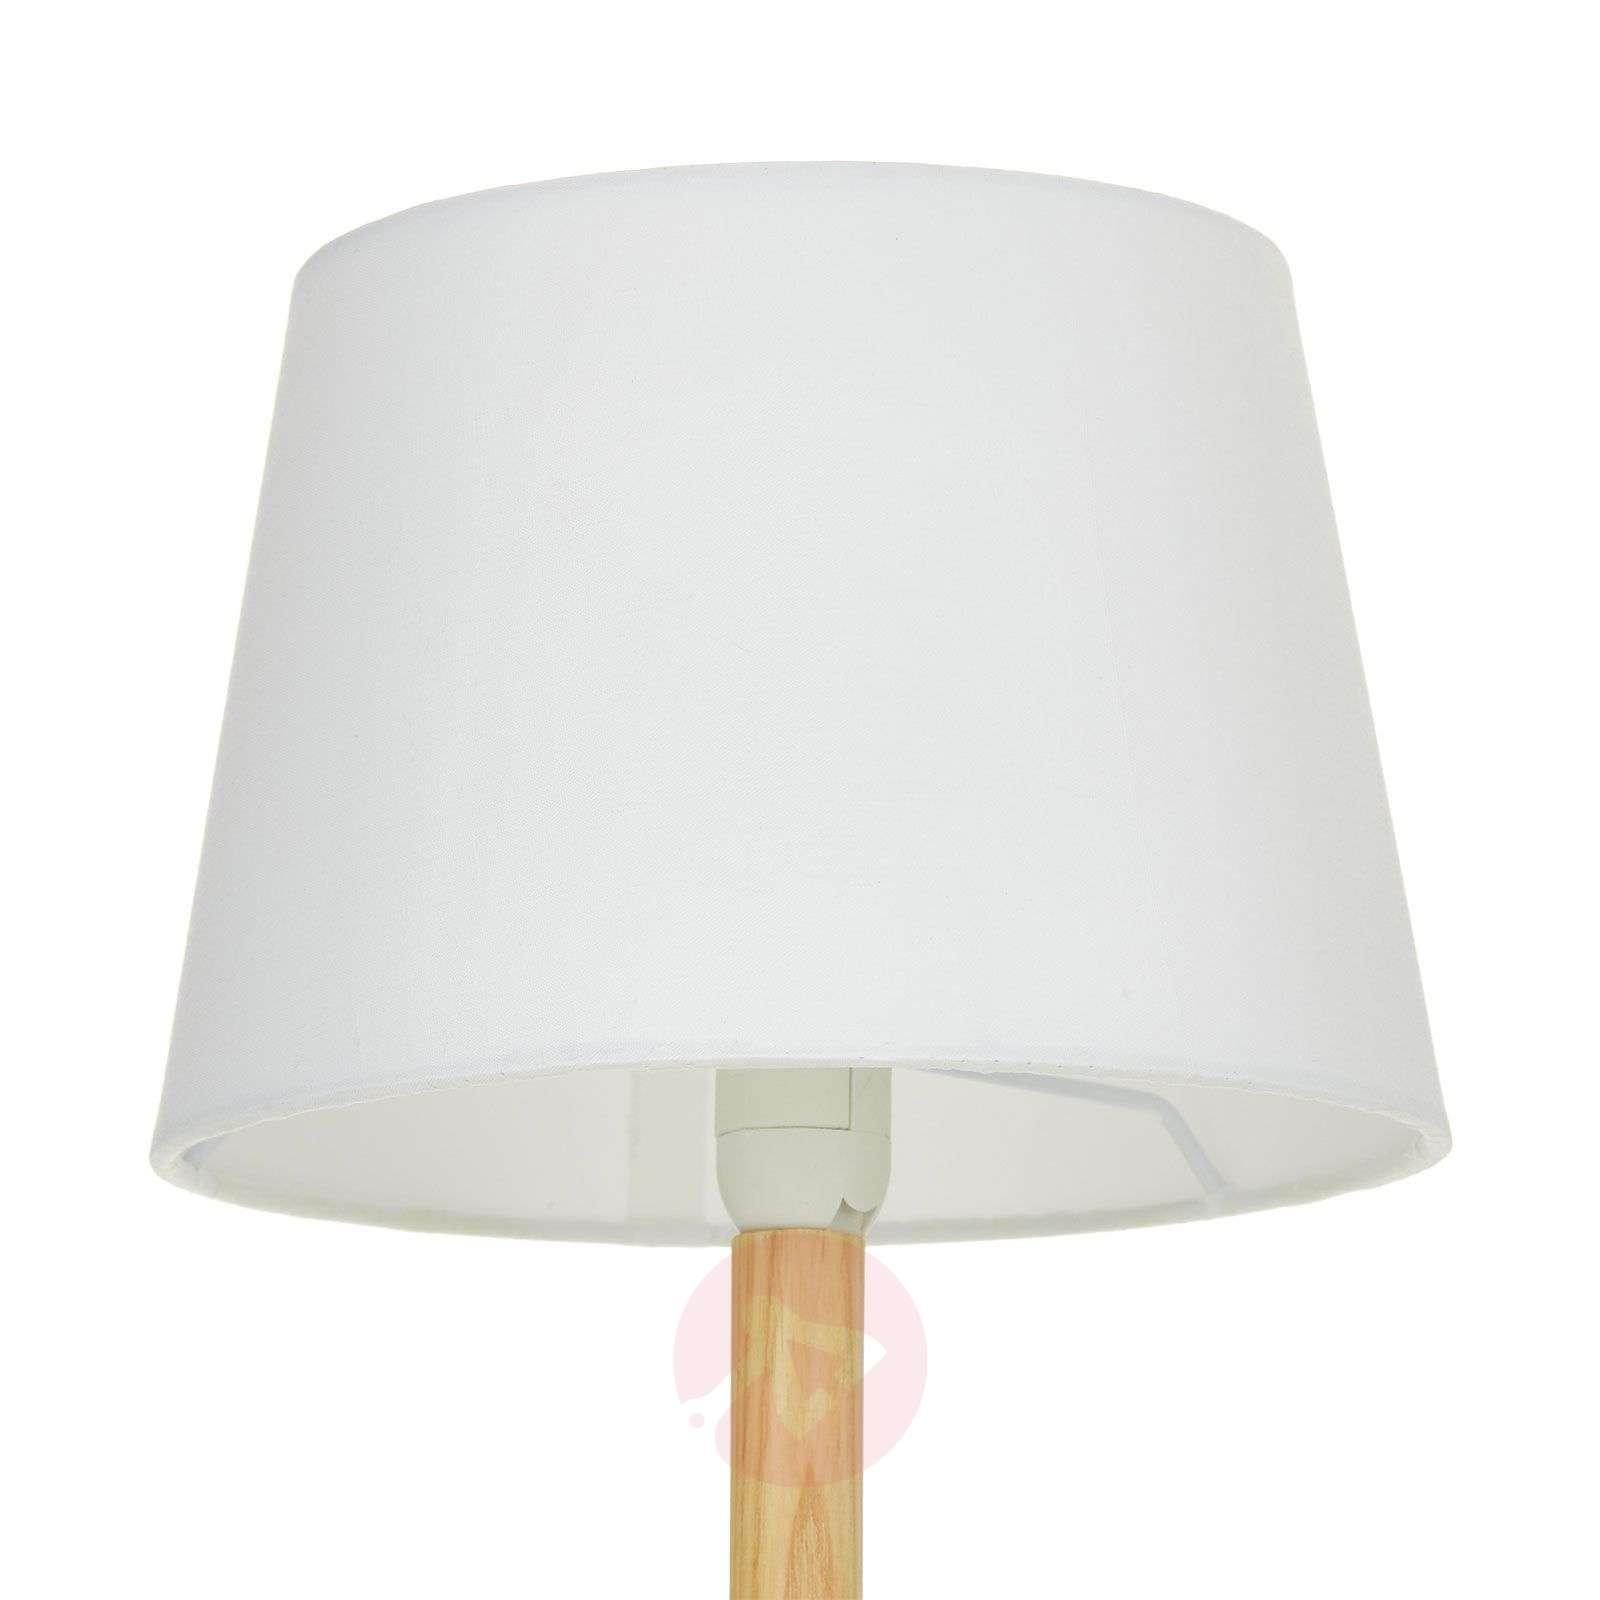 Kolmijalkainen Hat-pöytävalaisin-3507122-03